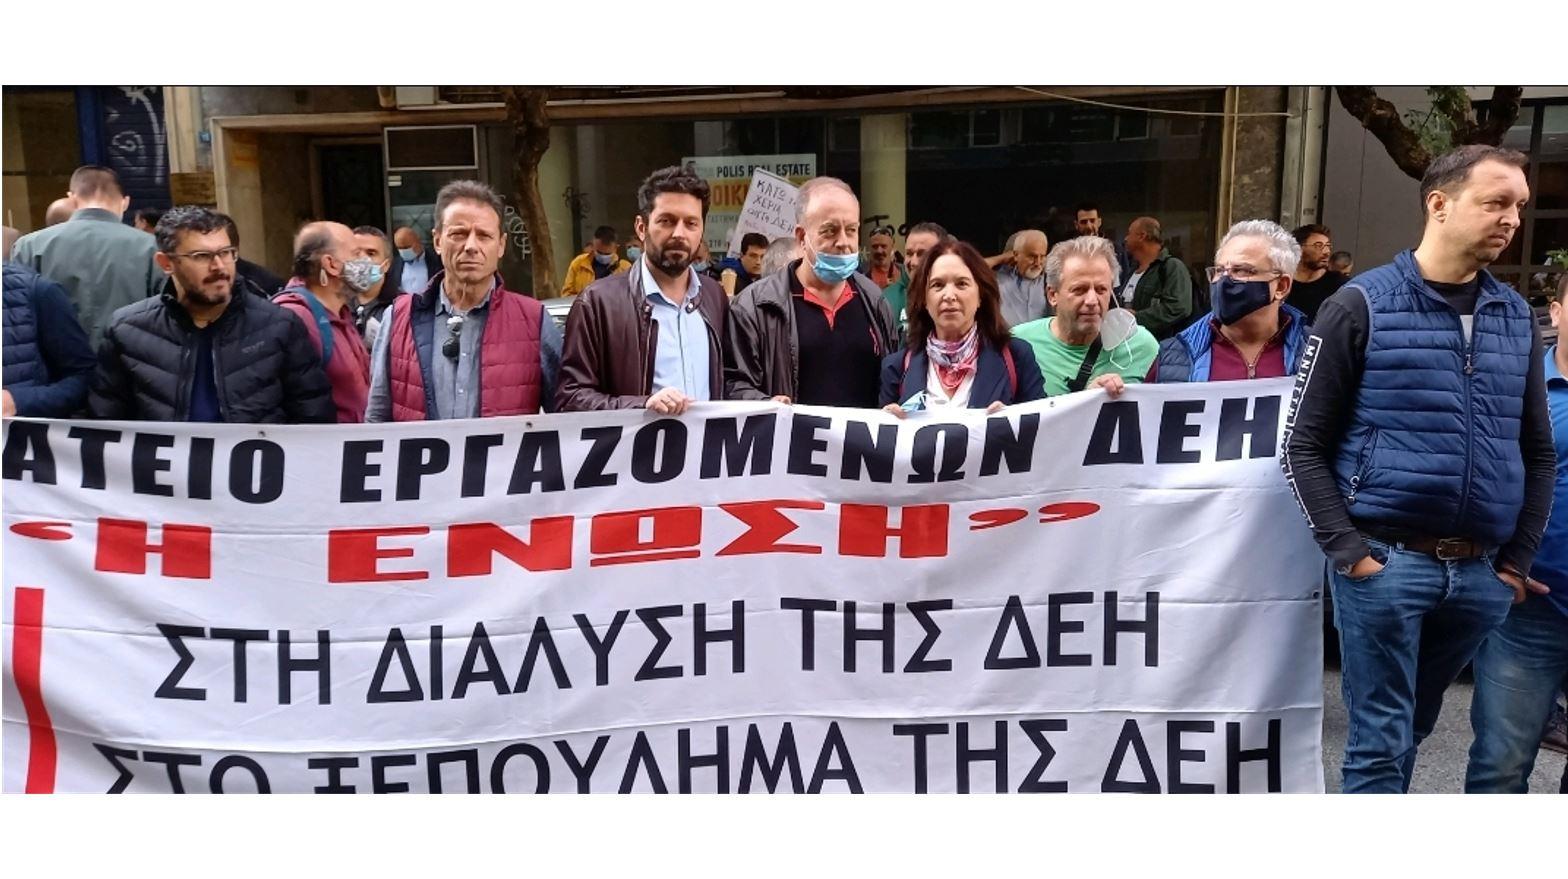 Καλλιόπη Βέττα: «Το κόστος της ιδιωτικοποίησης της ΔΕΗ θα μετακυλιστεί στην κοινωνία και την οικονομία – Συμμετοχή στην συγκέντρωση διαμαρτυρίας»